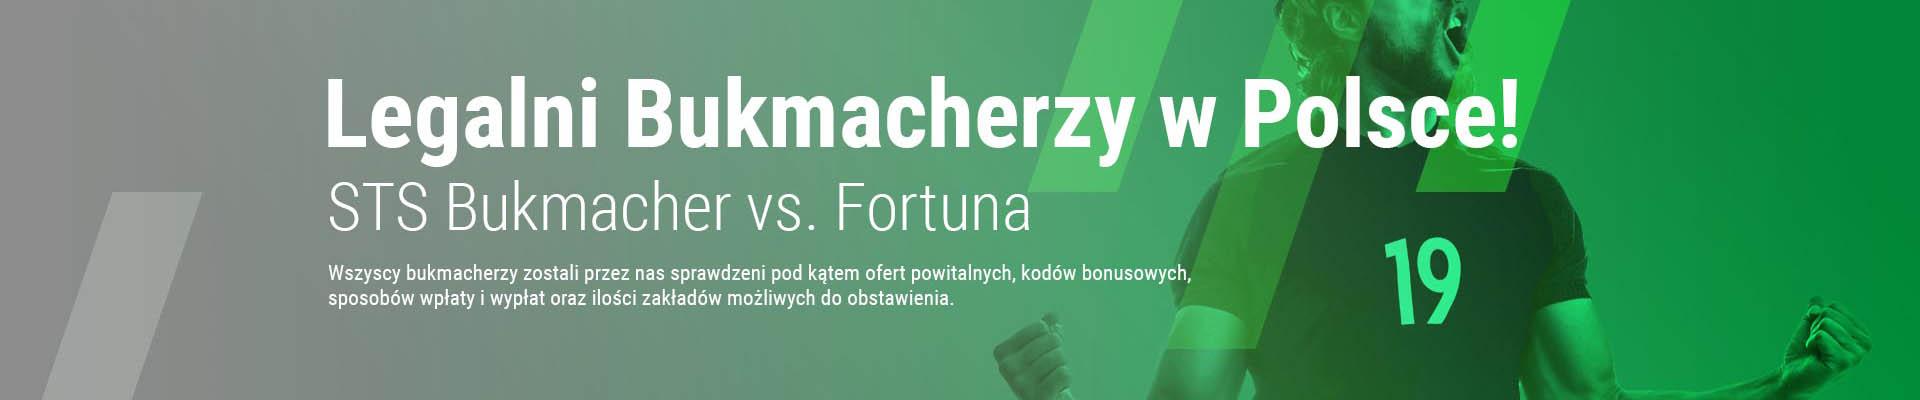 Poznaj oferte legalnie dzialajacych bukmacherow internetowych w Polsce!